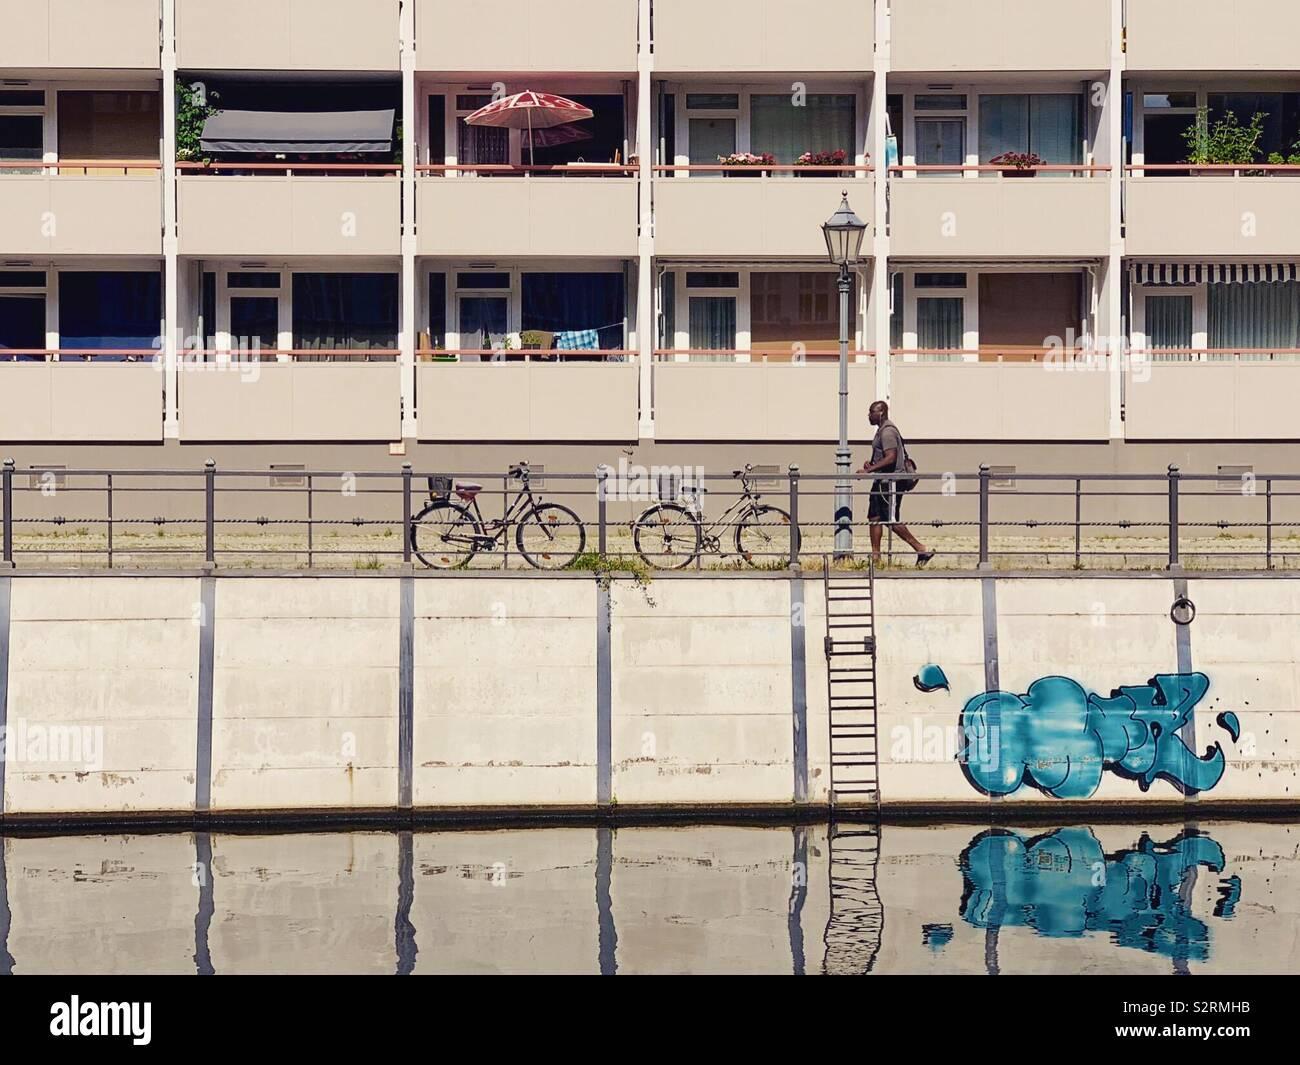 Berlín Imagen De Stock